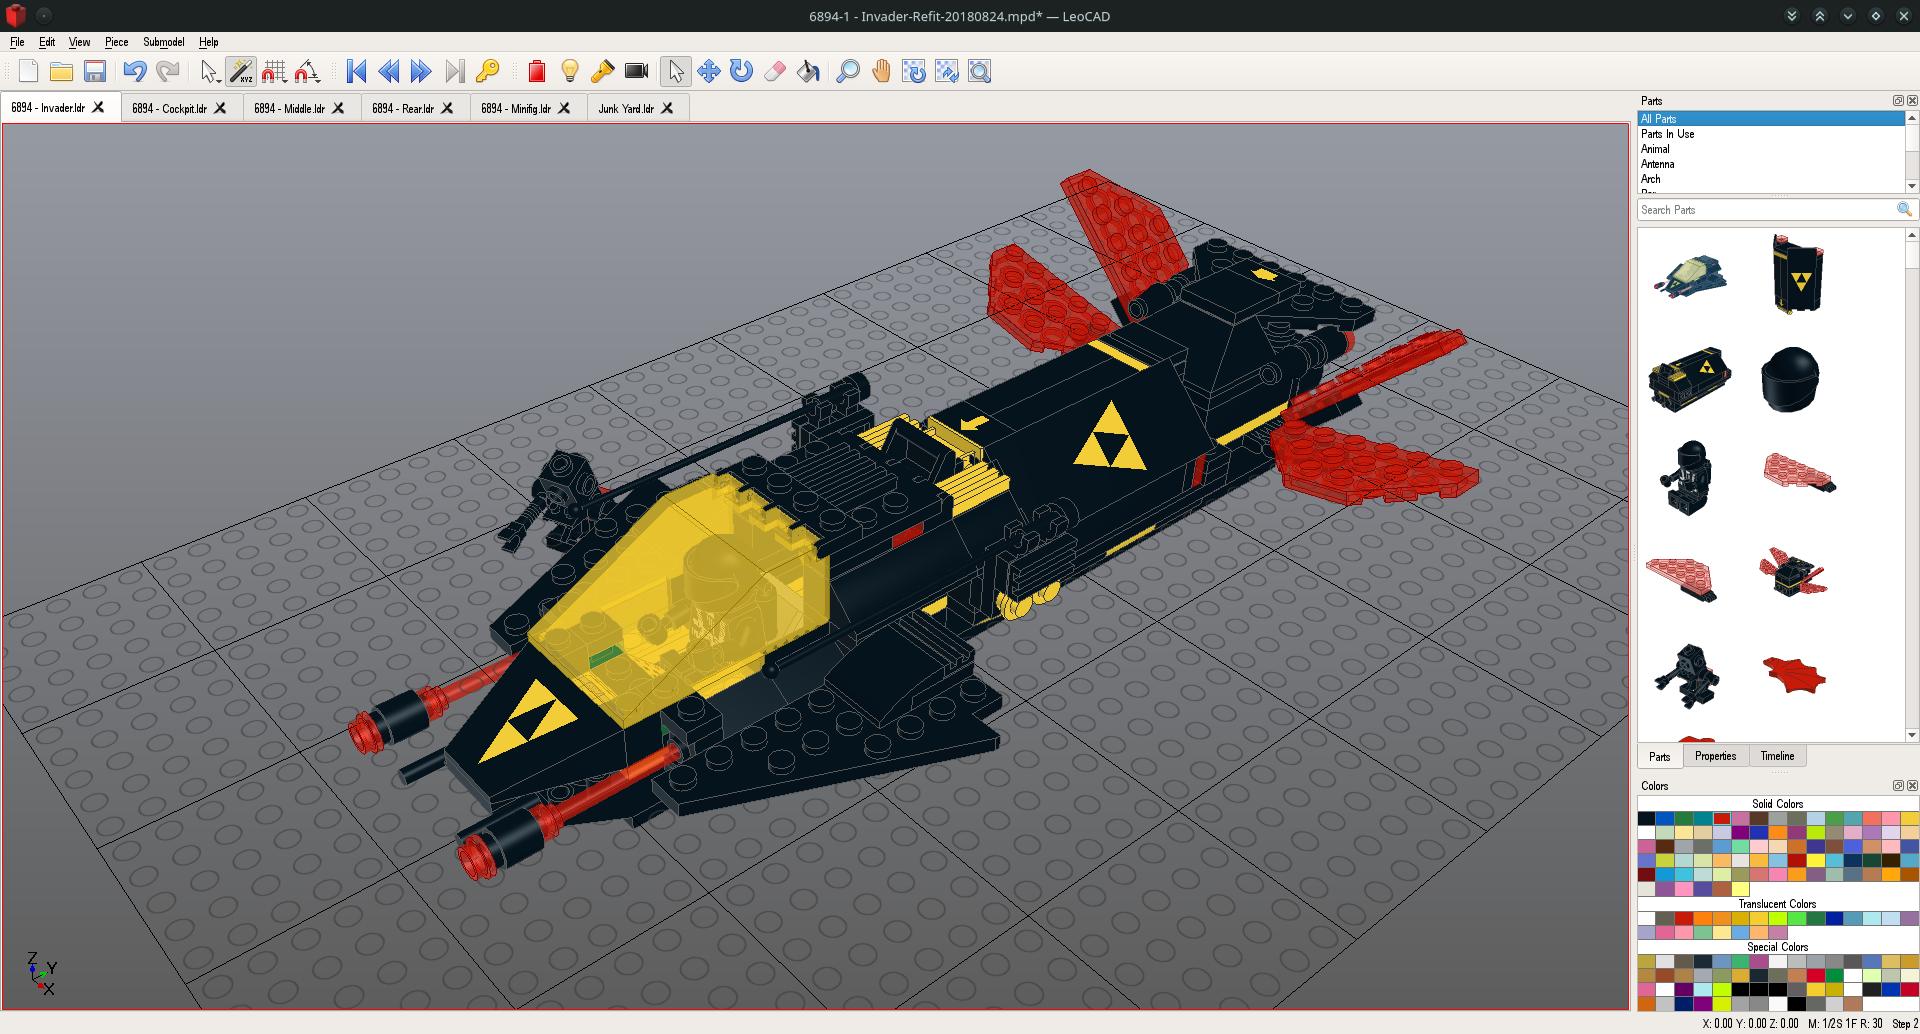 LeoCAD-02-Invader.png